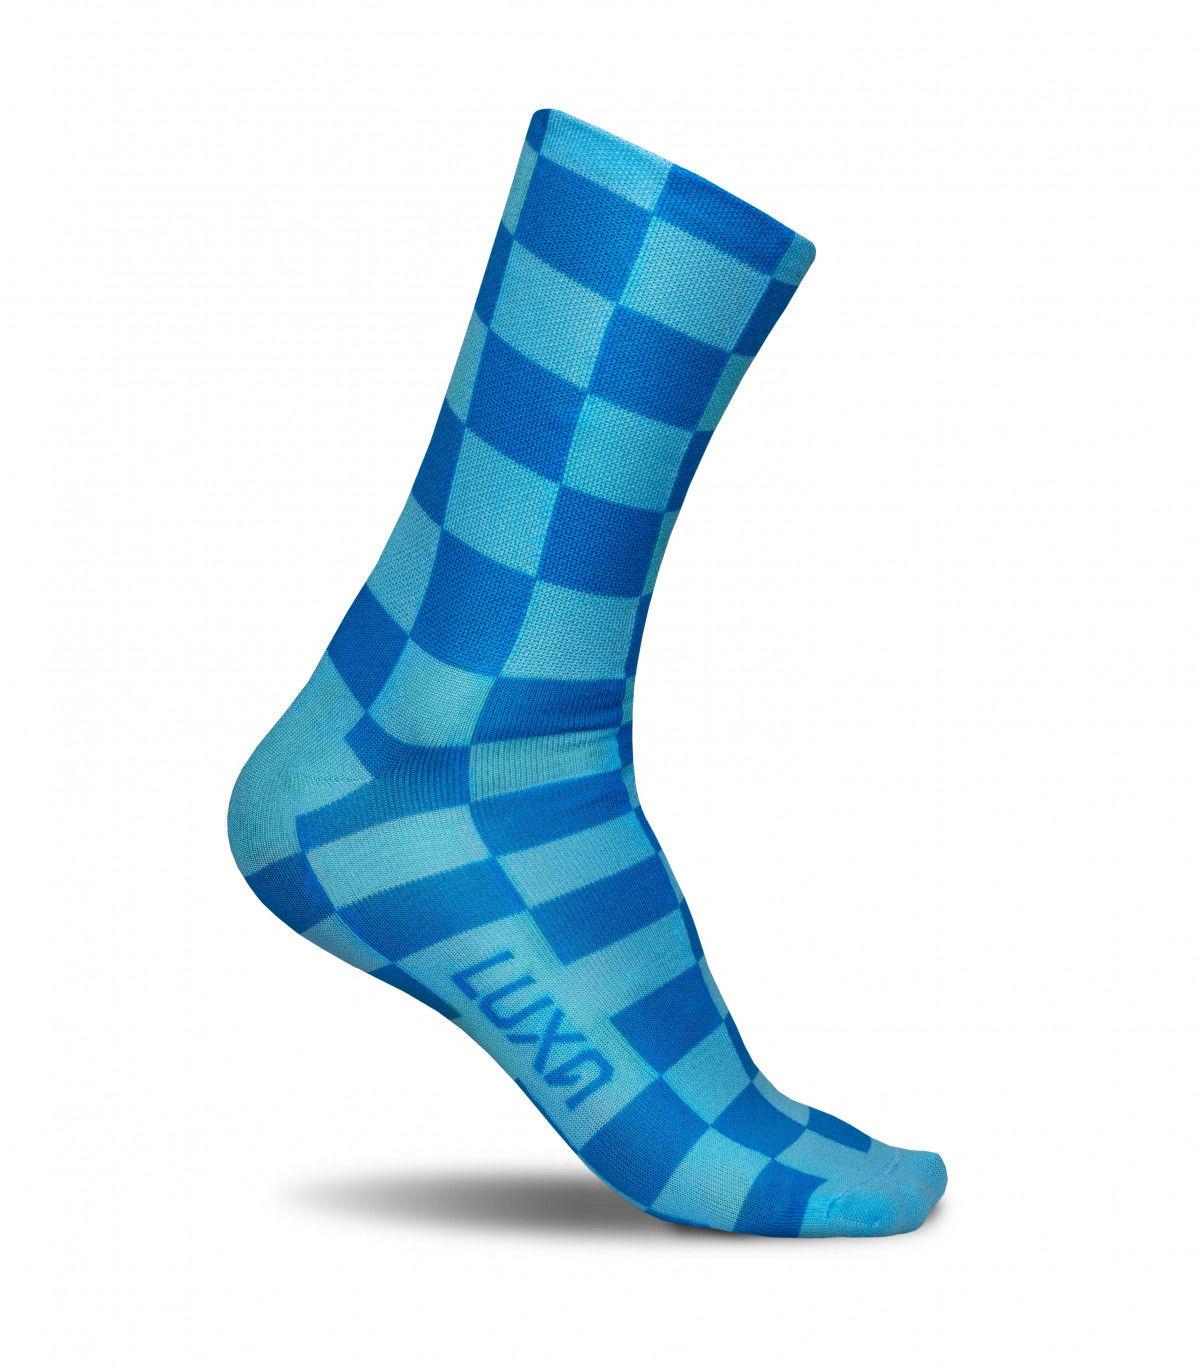 Kolorowe skarpety rowerowe SQUARES BLUE - niebiesko, szachownica